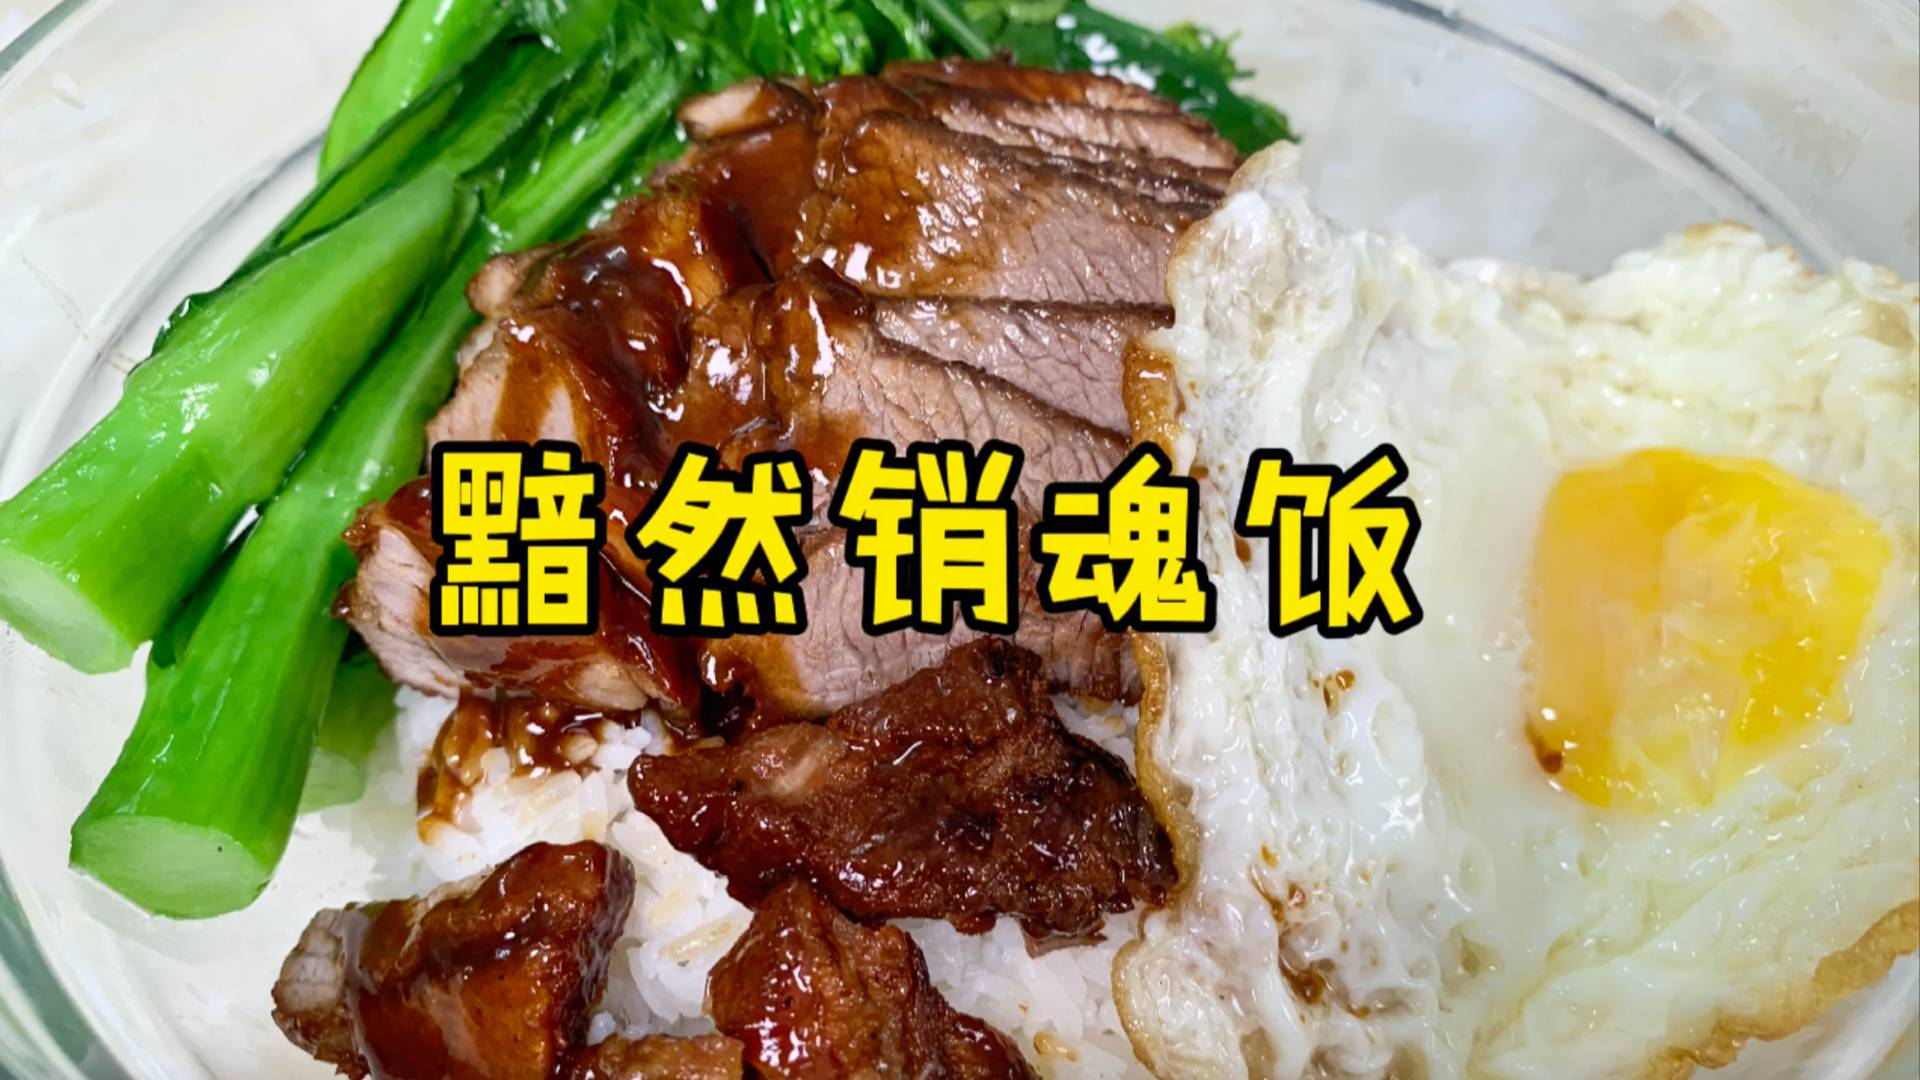 平平无奇的广东叉烧饭,却吃出了黯然销魂饭的味道